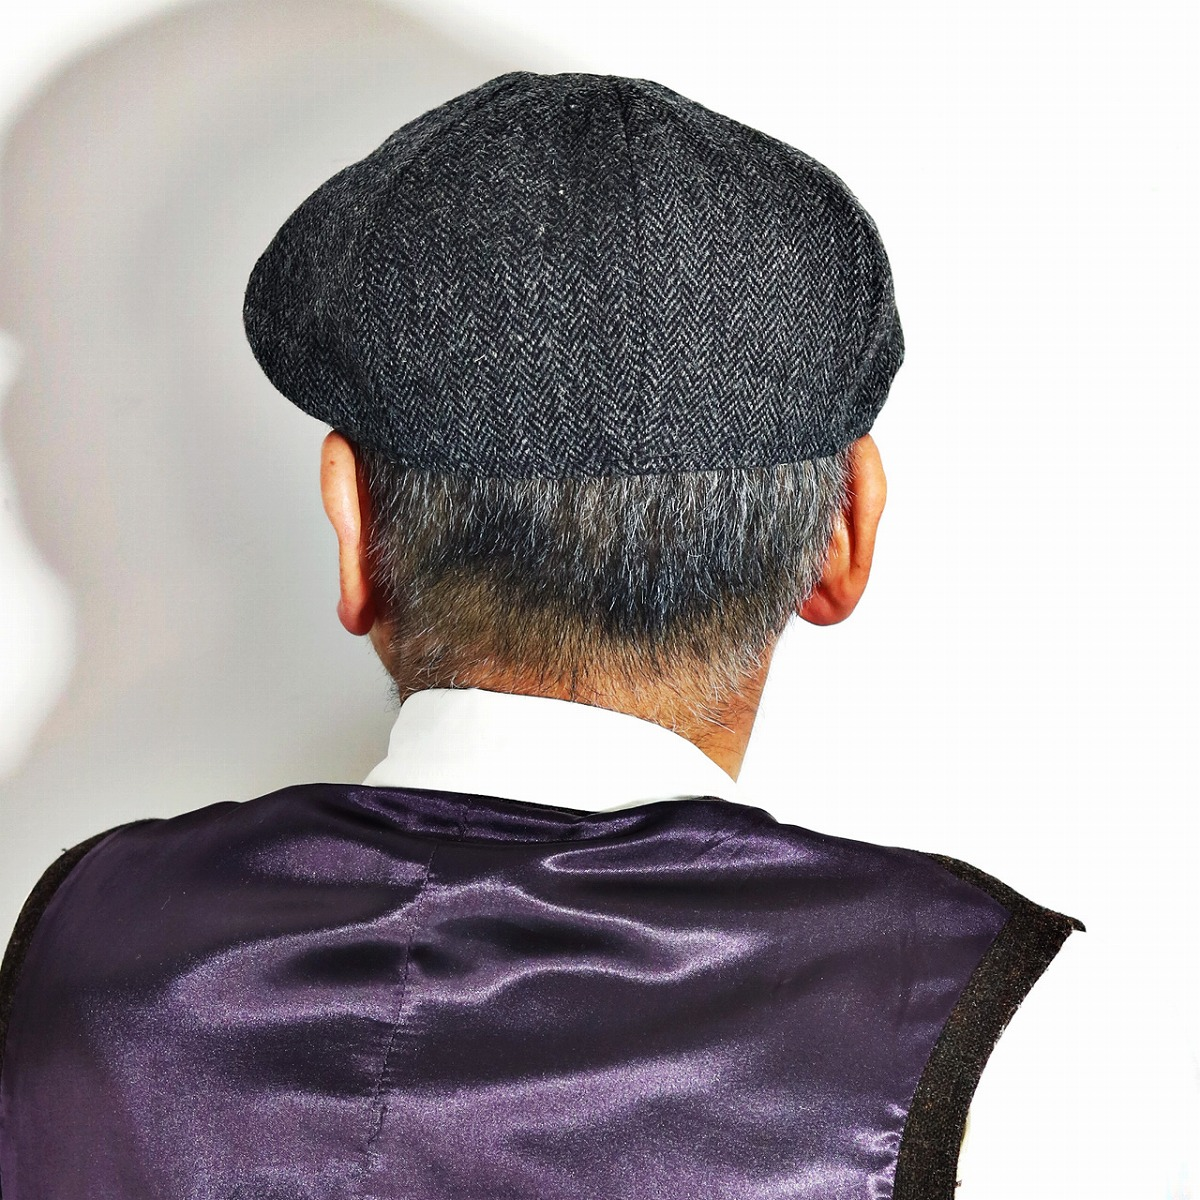 984ecb68b5198 ... CHRISTYS  LONDON casquette men classical music hat casquette hat U.K.  brand Christie s America London hunting